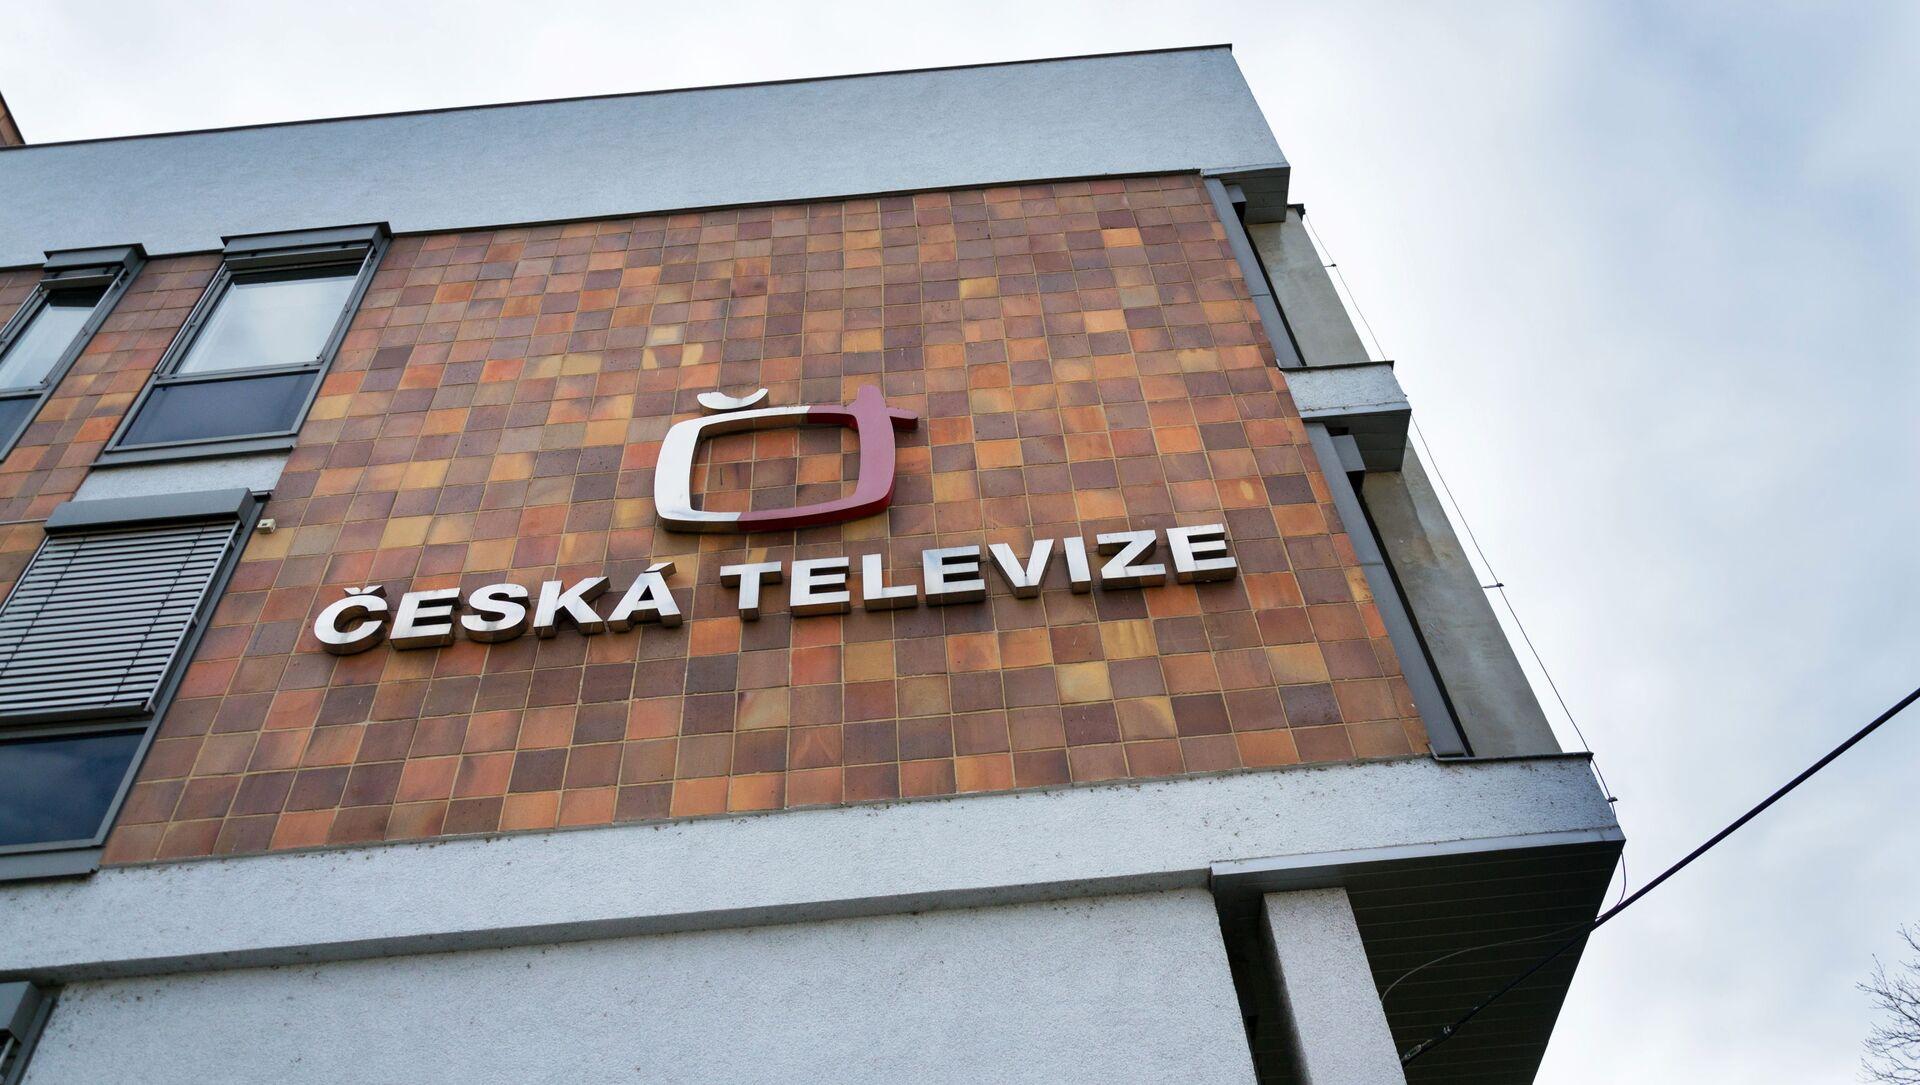 Česká televize - Sputnik Česká republika, 1920, 27.01.2021